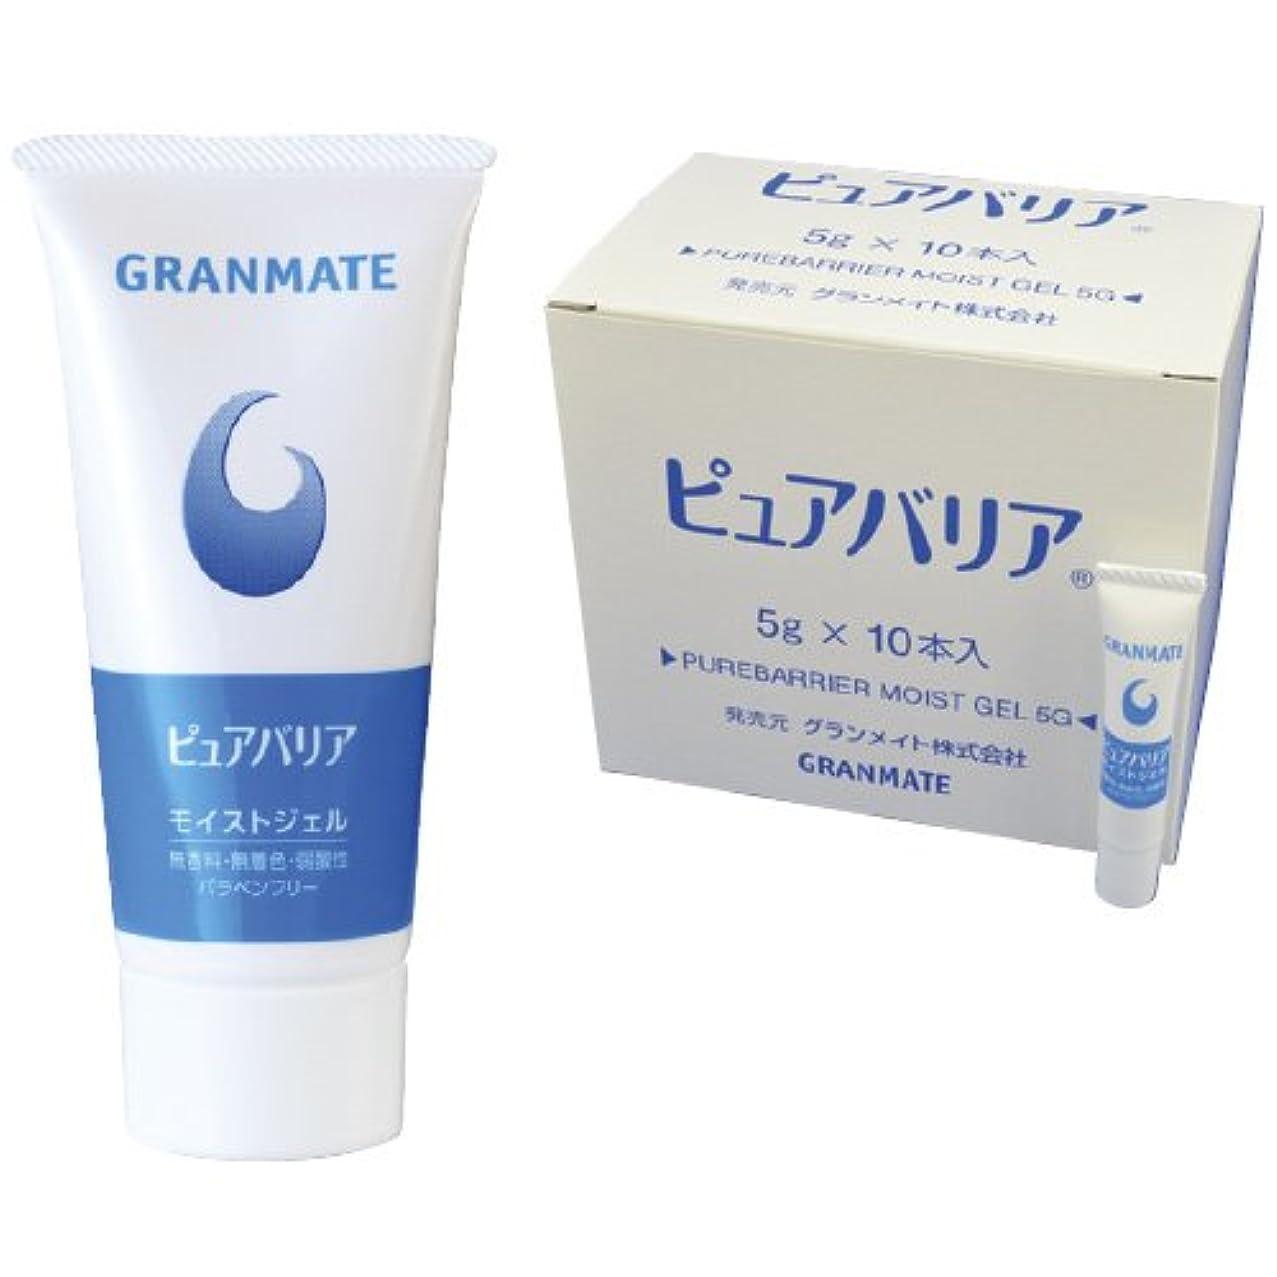 箱妨げる追加ピュアバリア(スキンケア肌保護ジェル 5GX10ホンイリ 皮膚保護用品 スキンケアローション